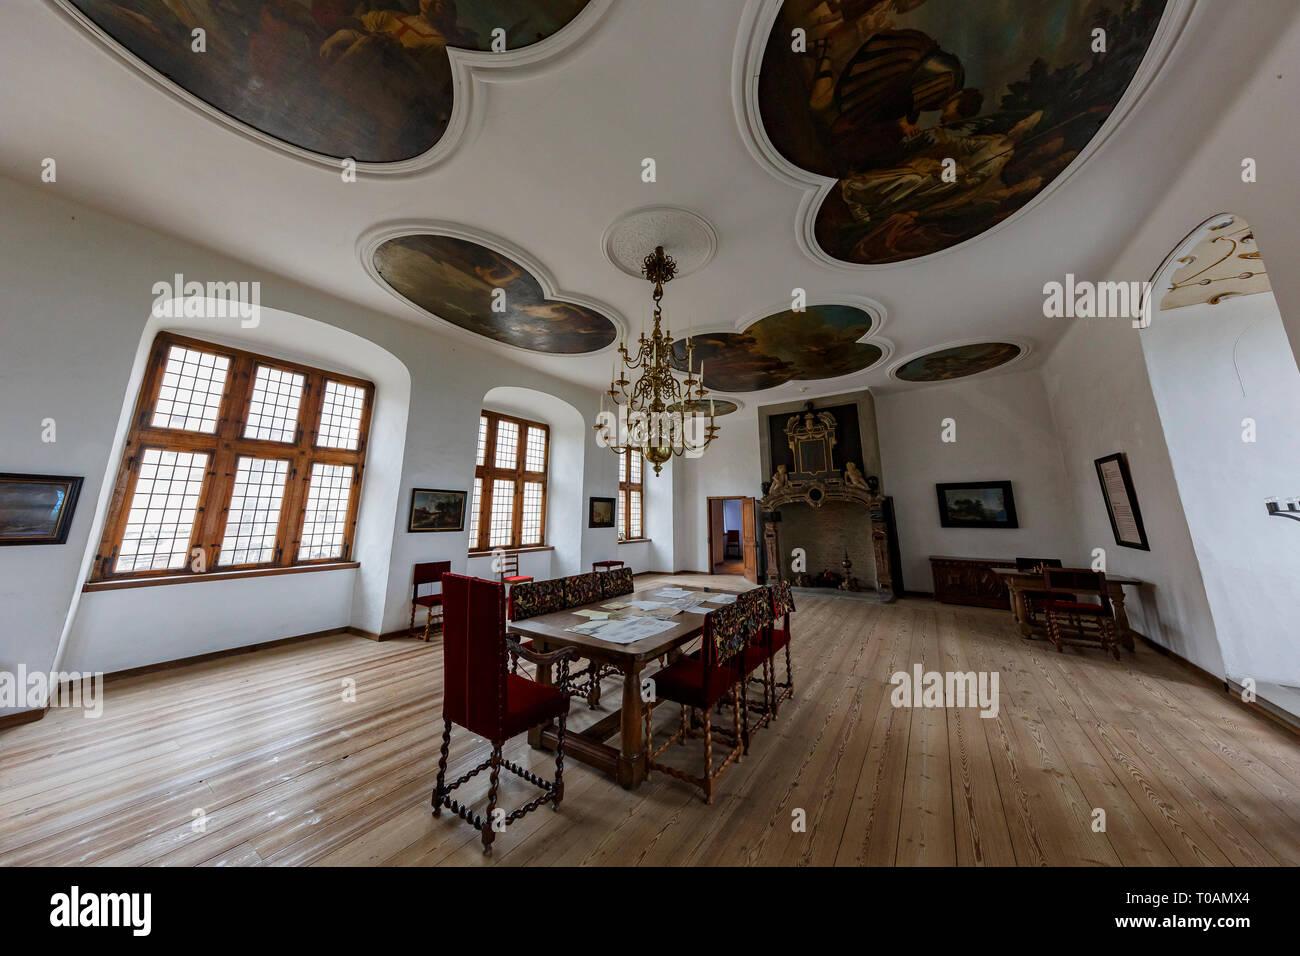 Denmark, NOV 1: Interior view of the famous Kronborg Castle on NOV 1, 2015 at Denmark - Stock Image